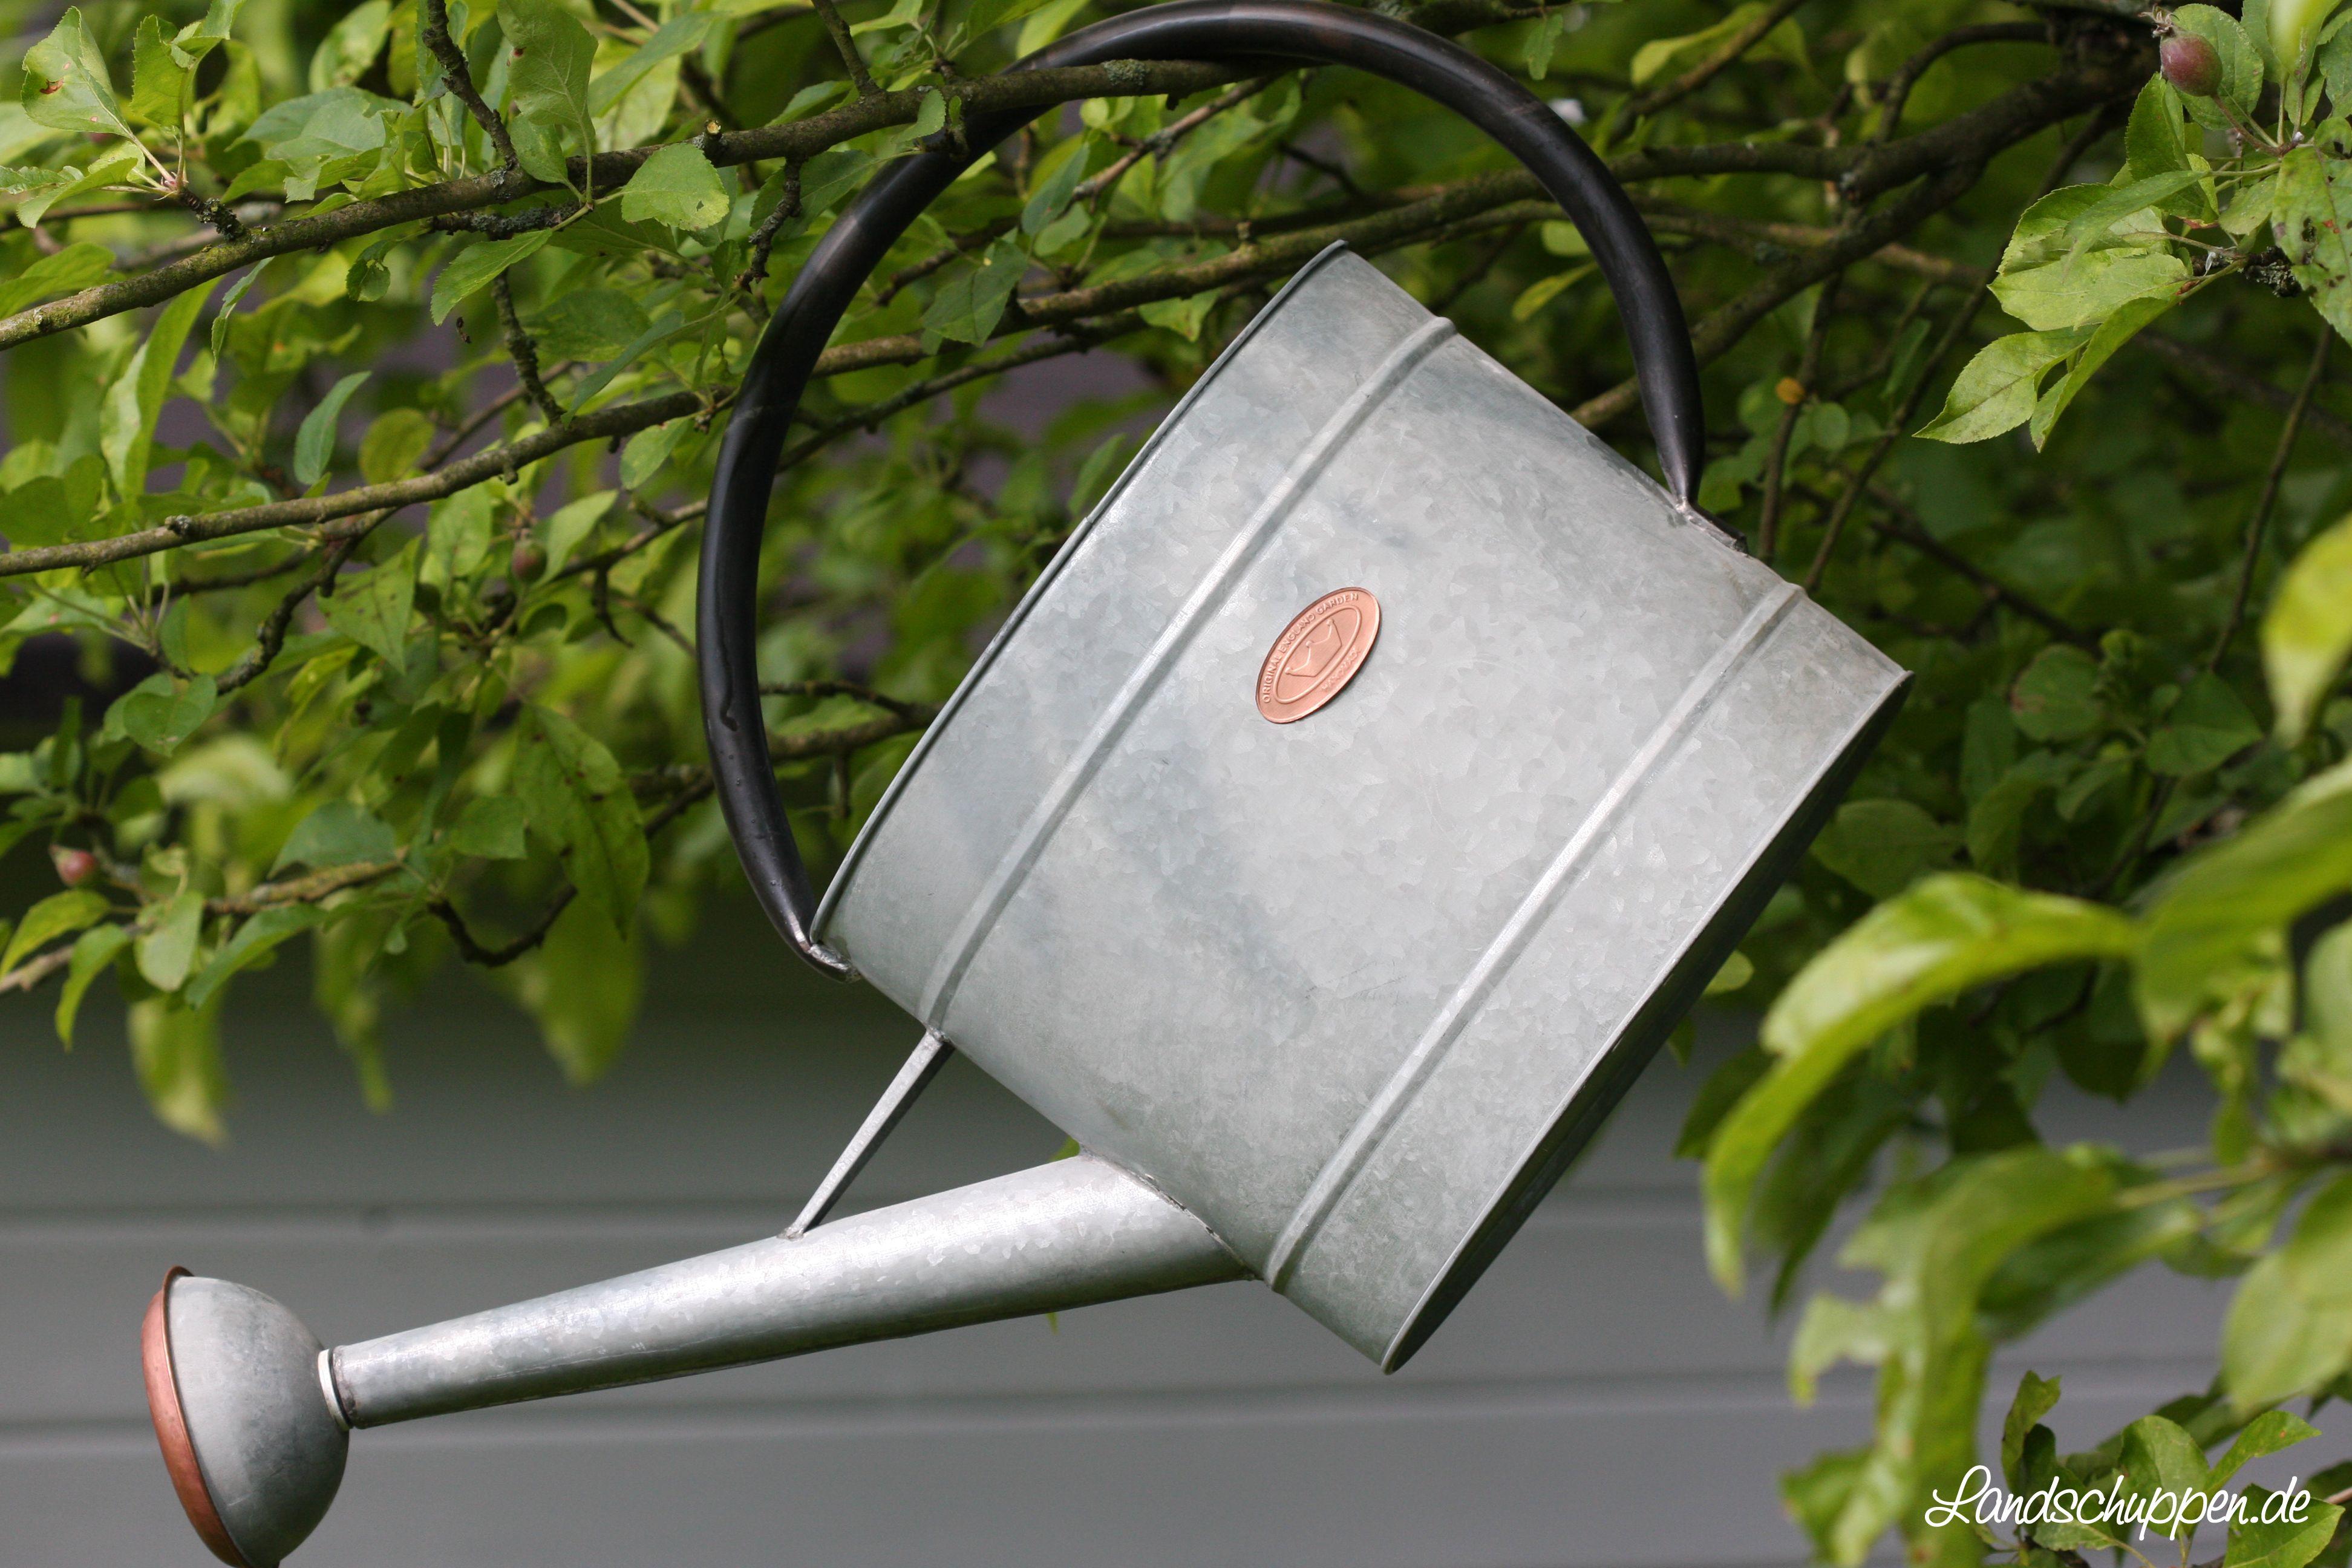 Nostalgie 7,5 L Gießkanne aus Zink mit abschraubbarem Brausenkopf. In Handarbeit gefertigt.